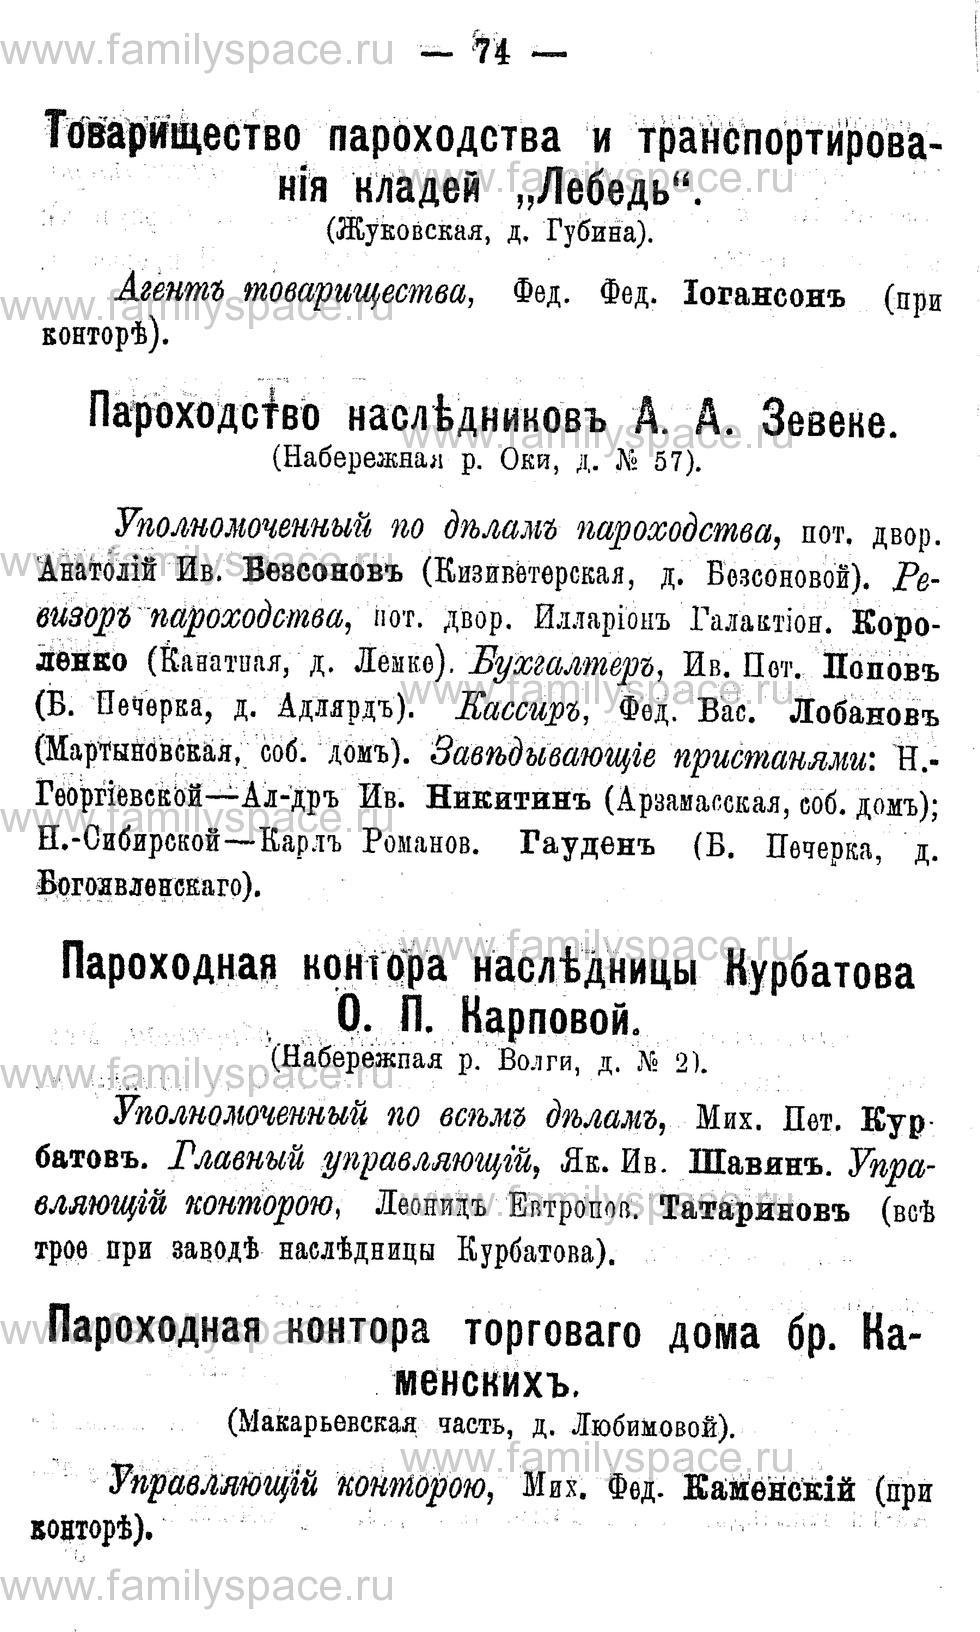 Поиск по фамилии - Адрес-календарь Нижегородской губернии на 1891 год, страница 74